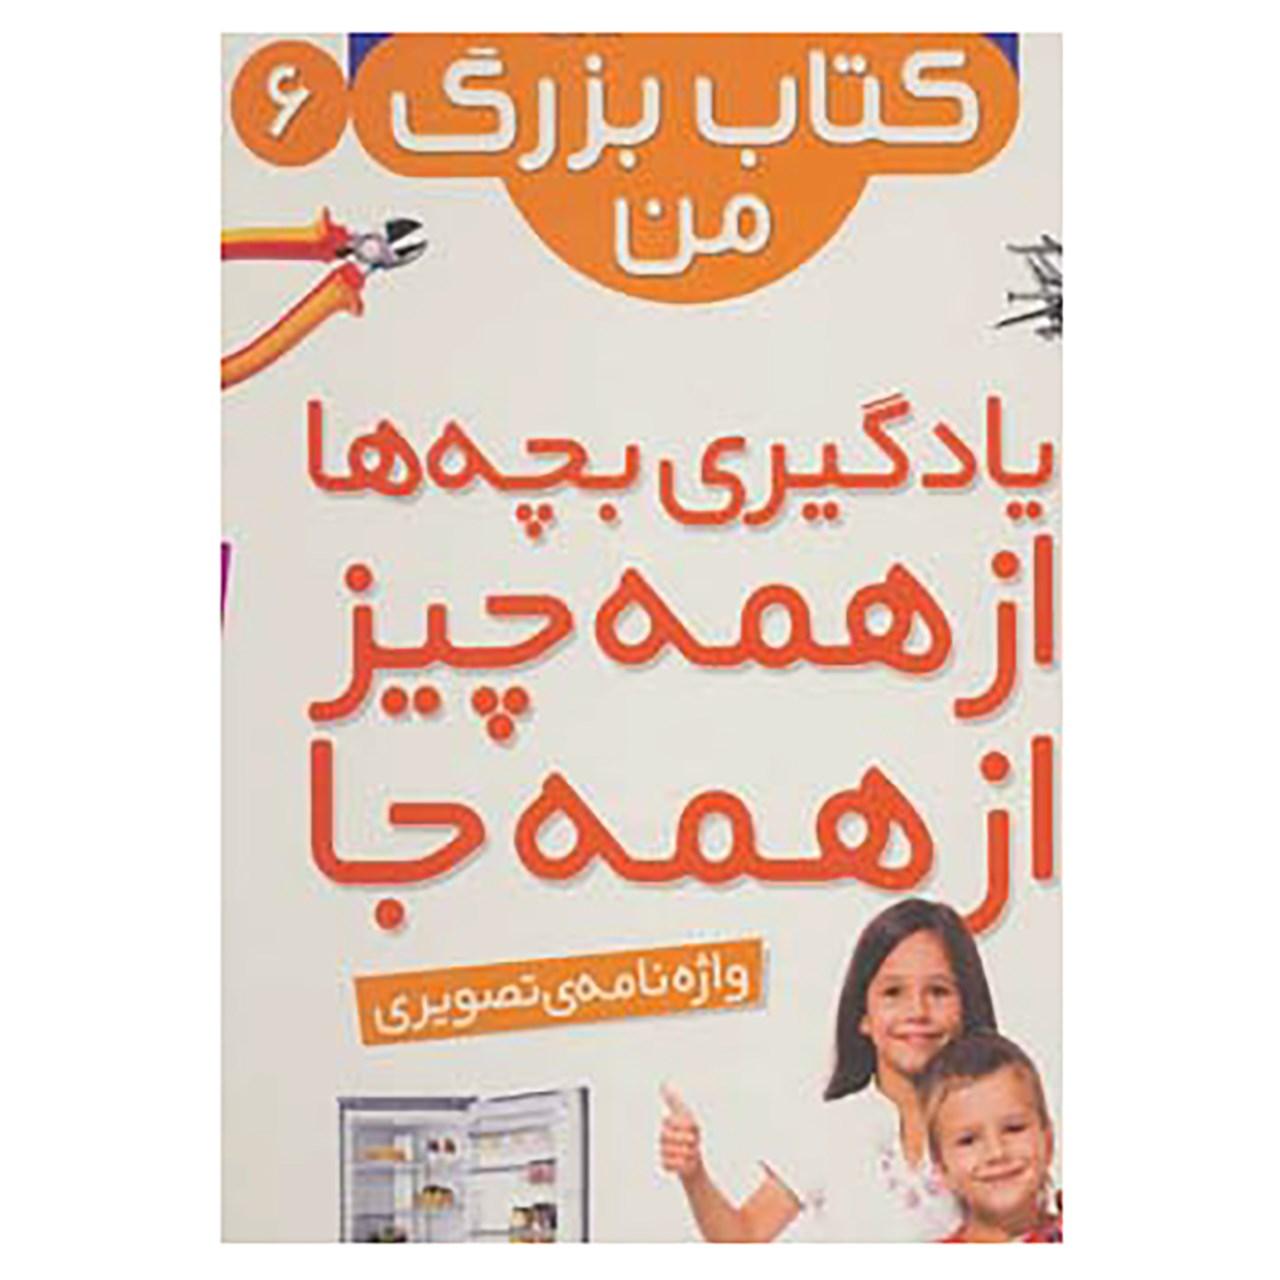 کتاب نخستین کتاب بزرگ من 6